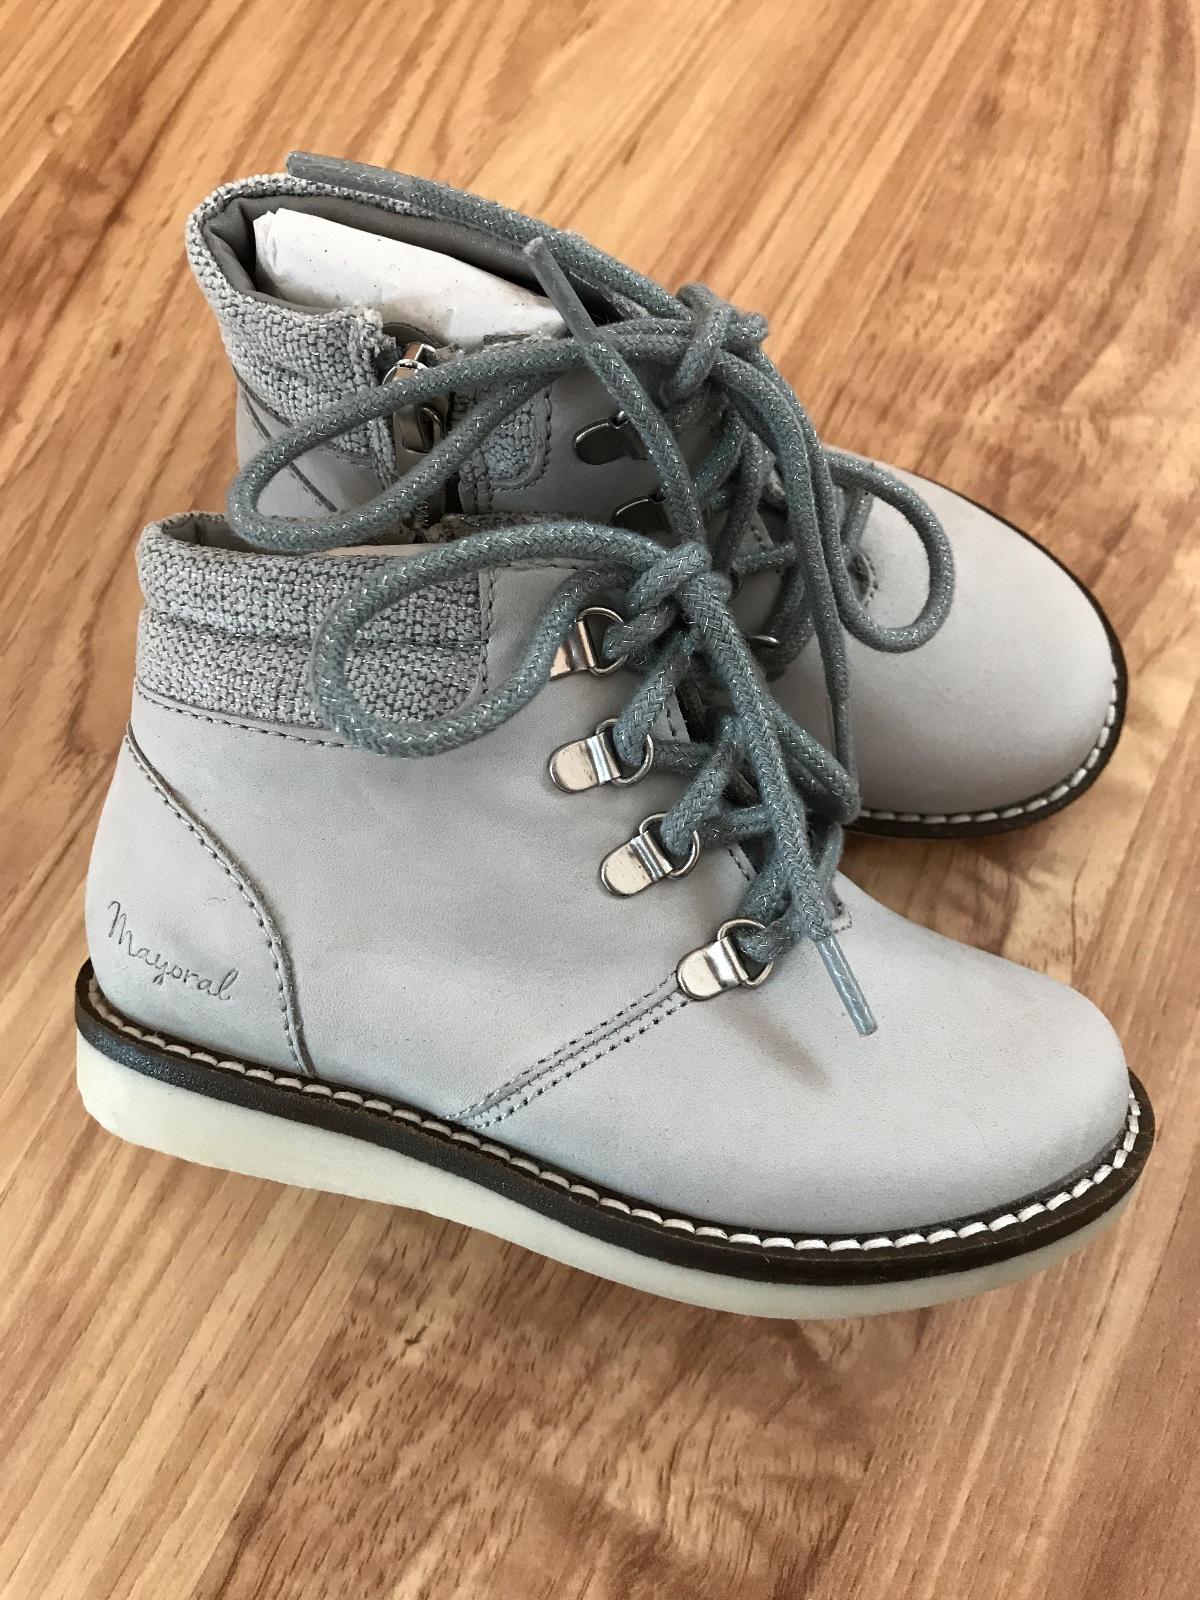 ddfdfa00937c Prechodné kožené topánky